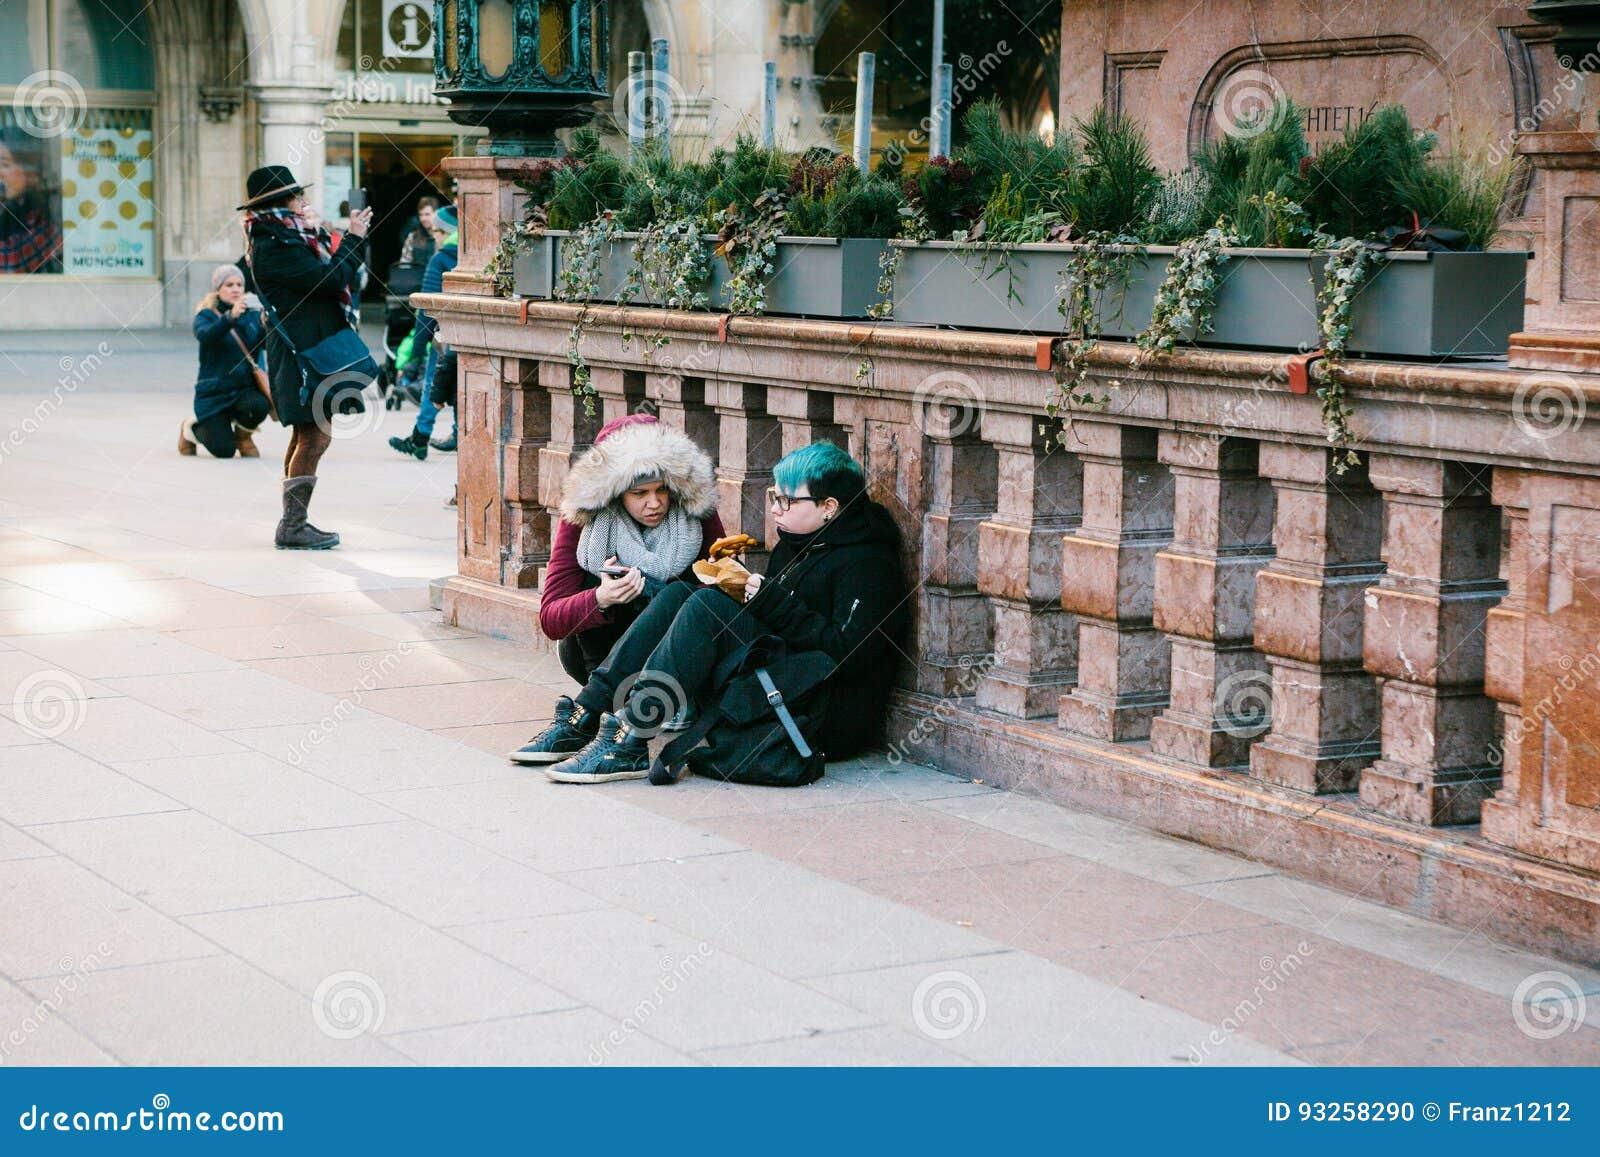 München, Duitsland, 29 December, 2016: Twee punkmeisjes zitten en eten in het centrale vierkant in München subcultuur everyday